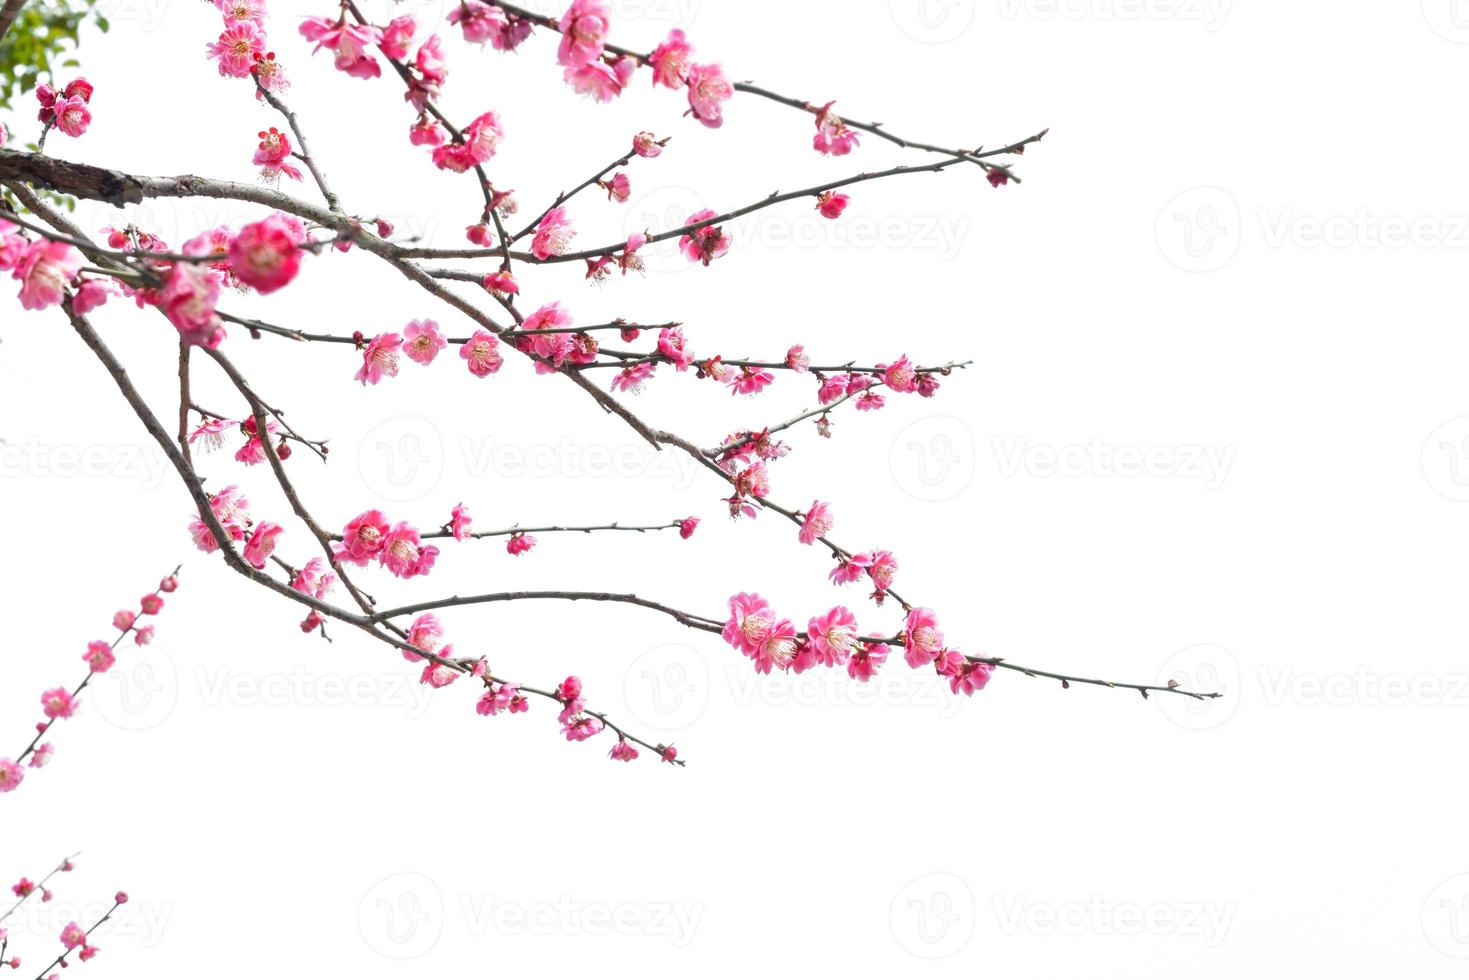 Pflaumenblüten foto